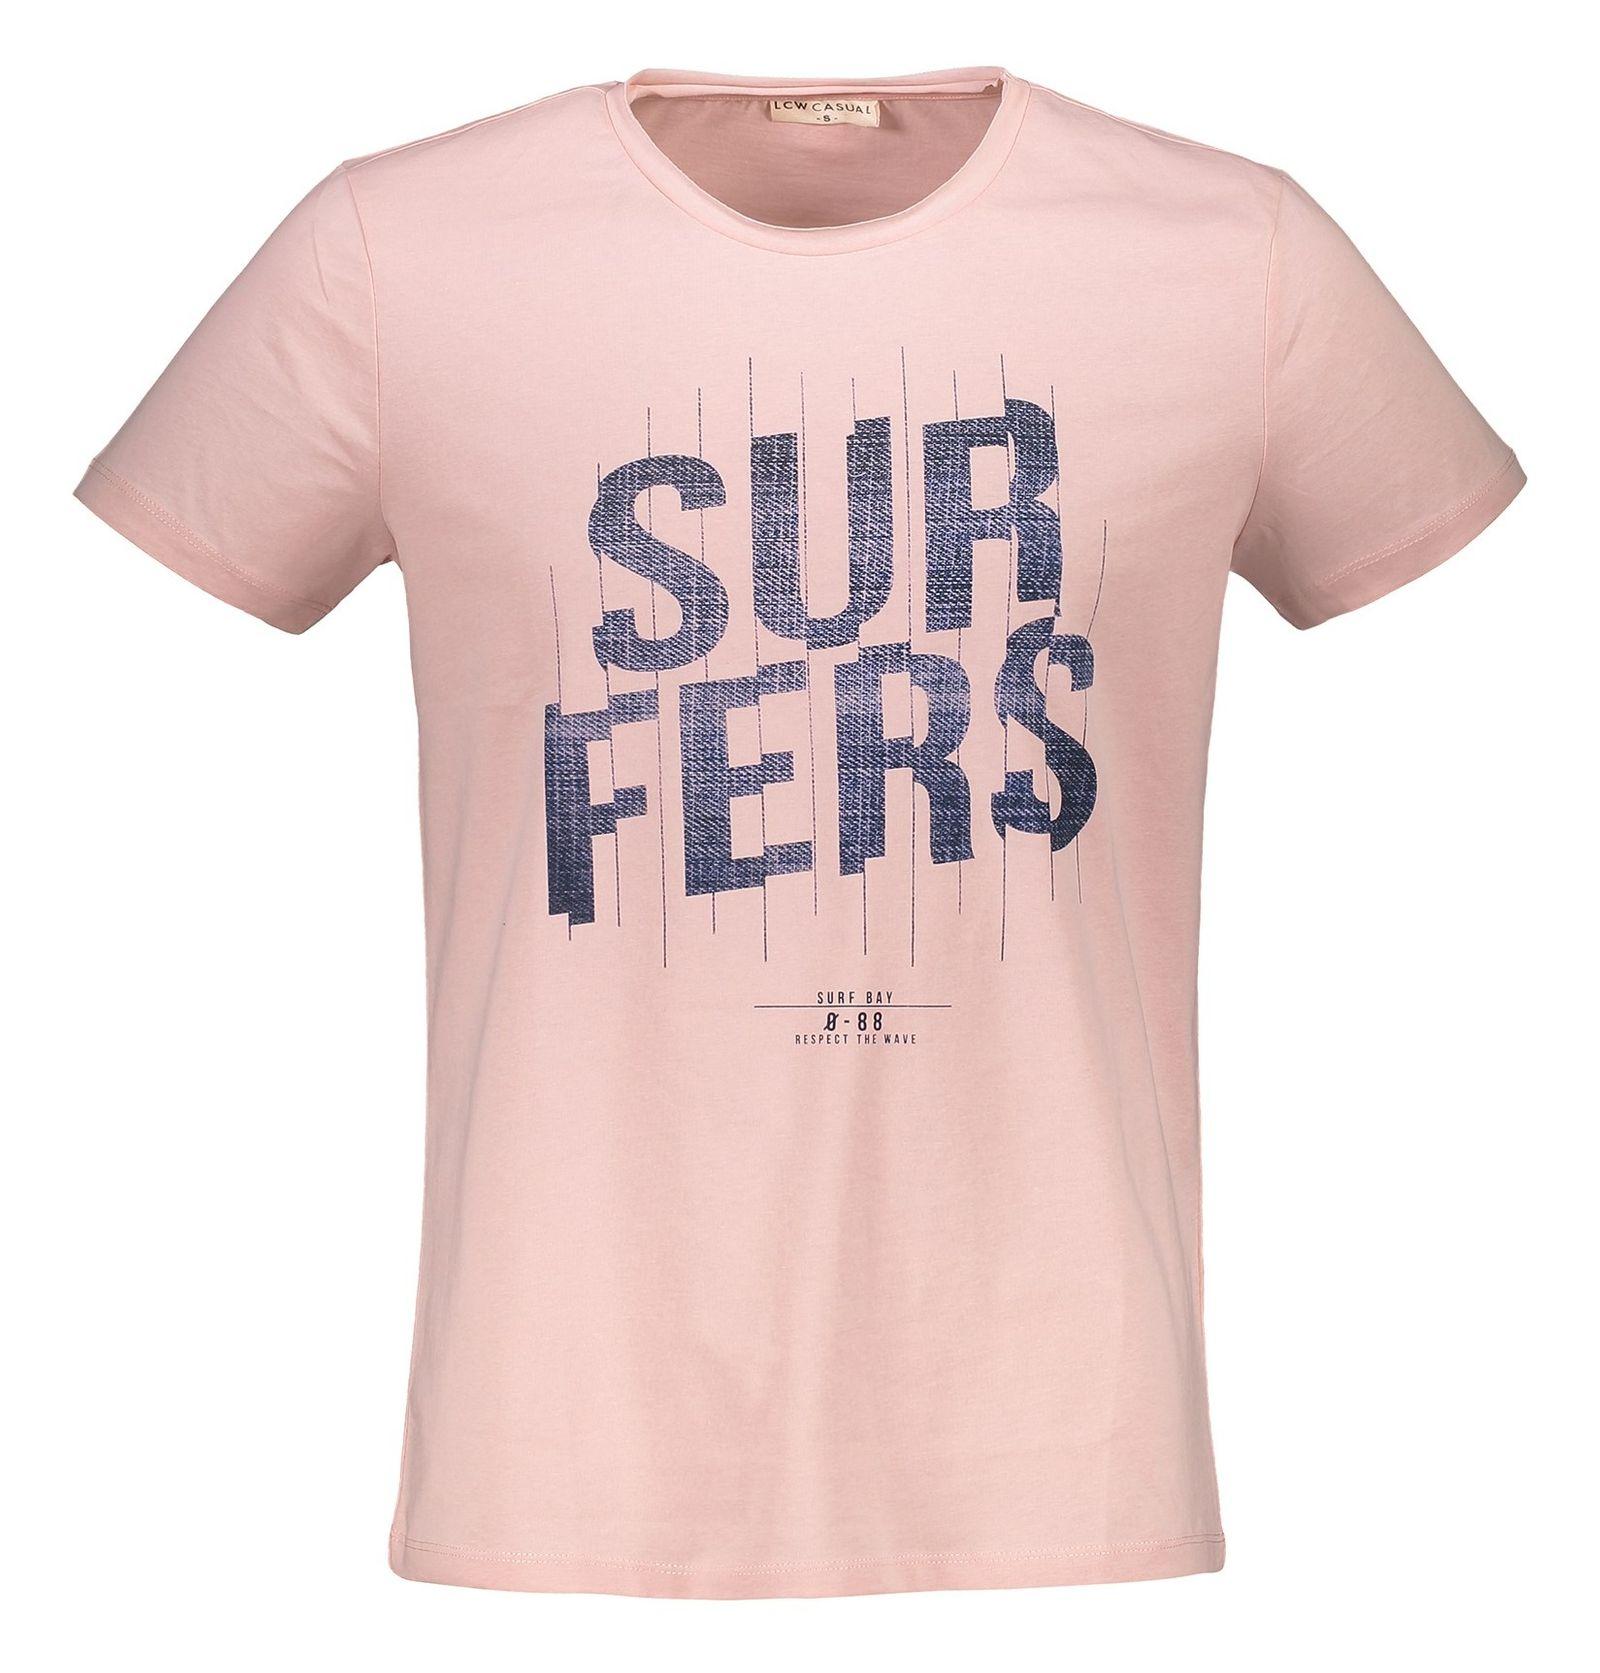 تی شرت نخی یقه گرد مردانه - ال سی وایکیکی - صورتي - 4